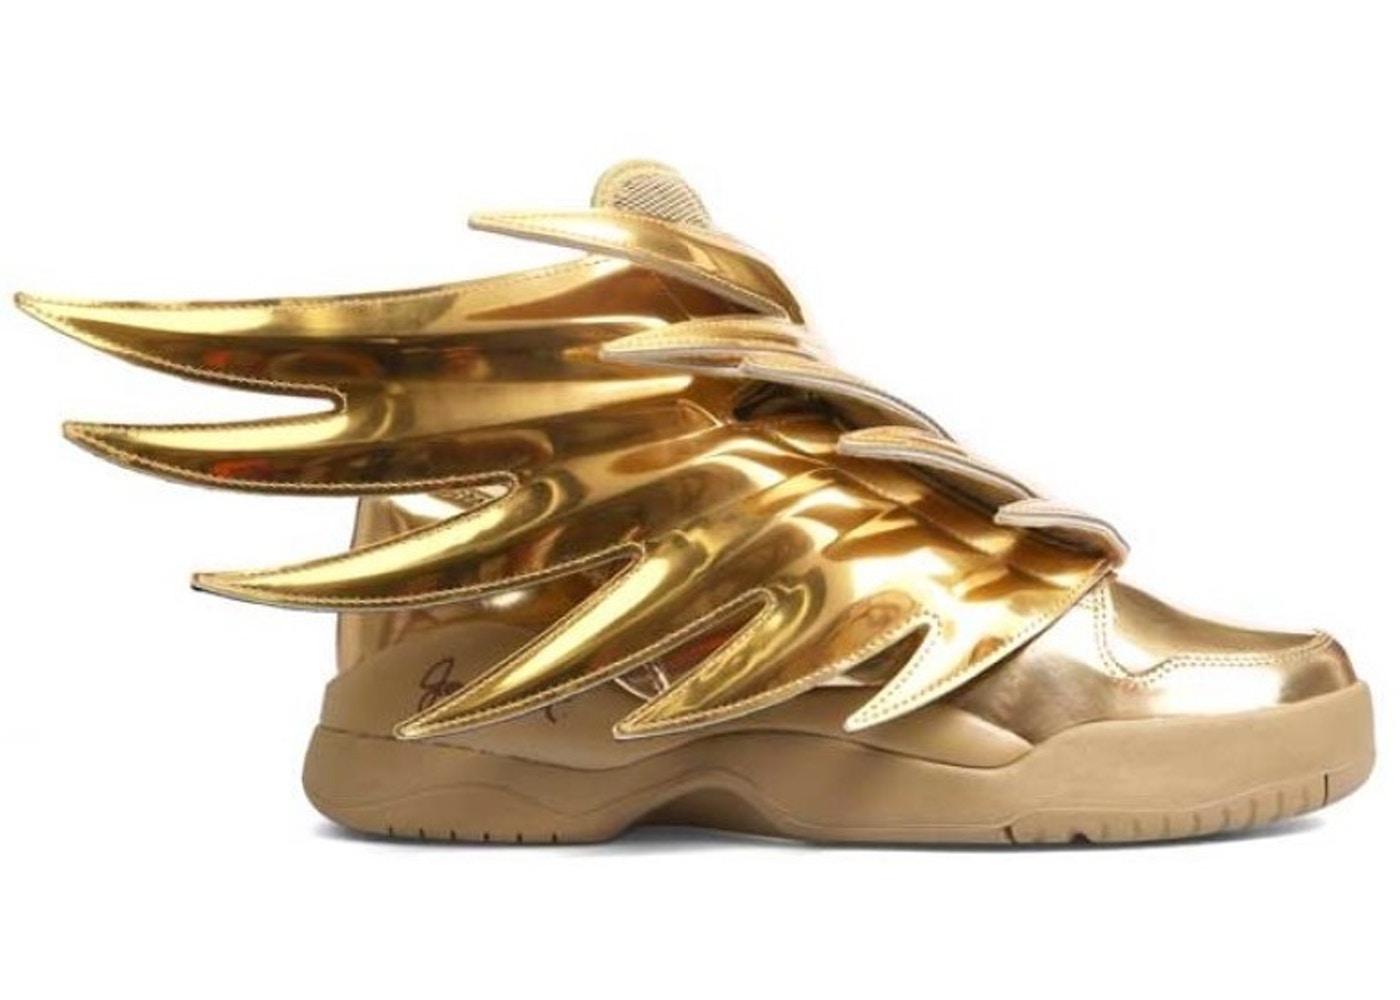 ファッションブランド カジュアル ファッション スニーカー アディダス ADIDAS ソリッド スニーカー 【 JS WINGS SOLID GOLD METALLIC 】 メンズ 送料無料